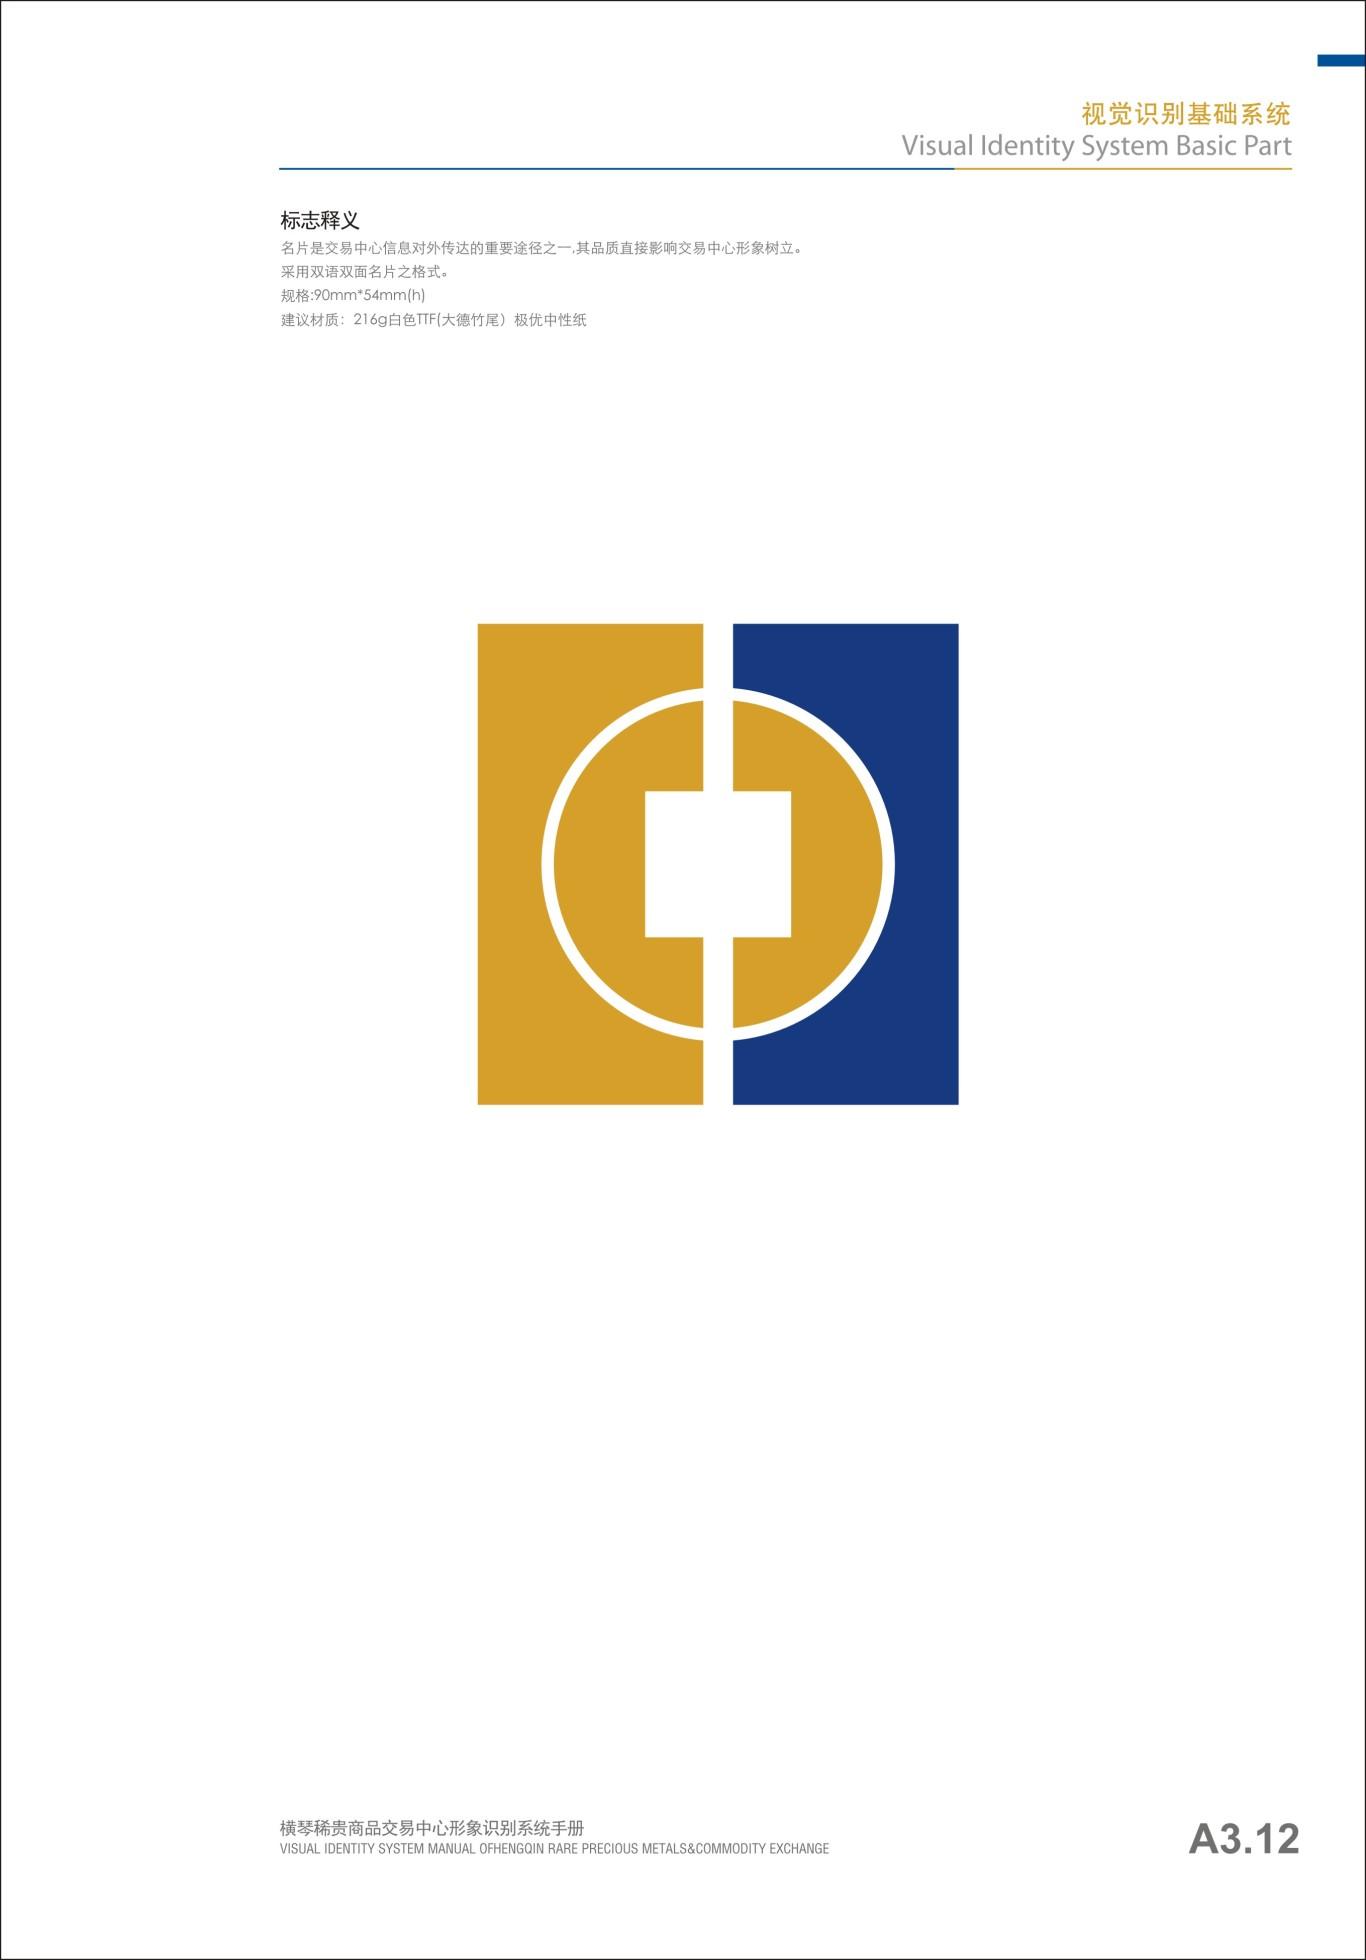 贵金属行业横琴稀贵VI手册设计图0